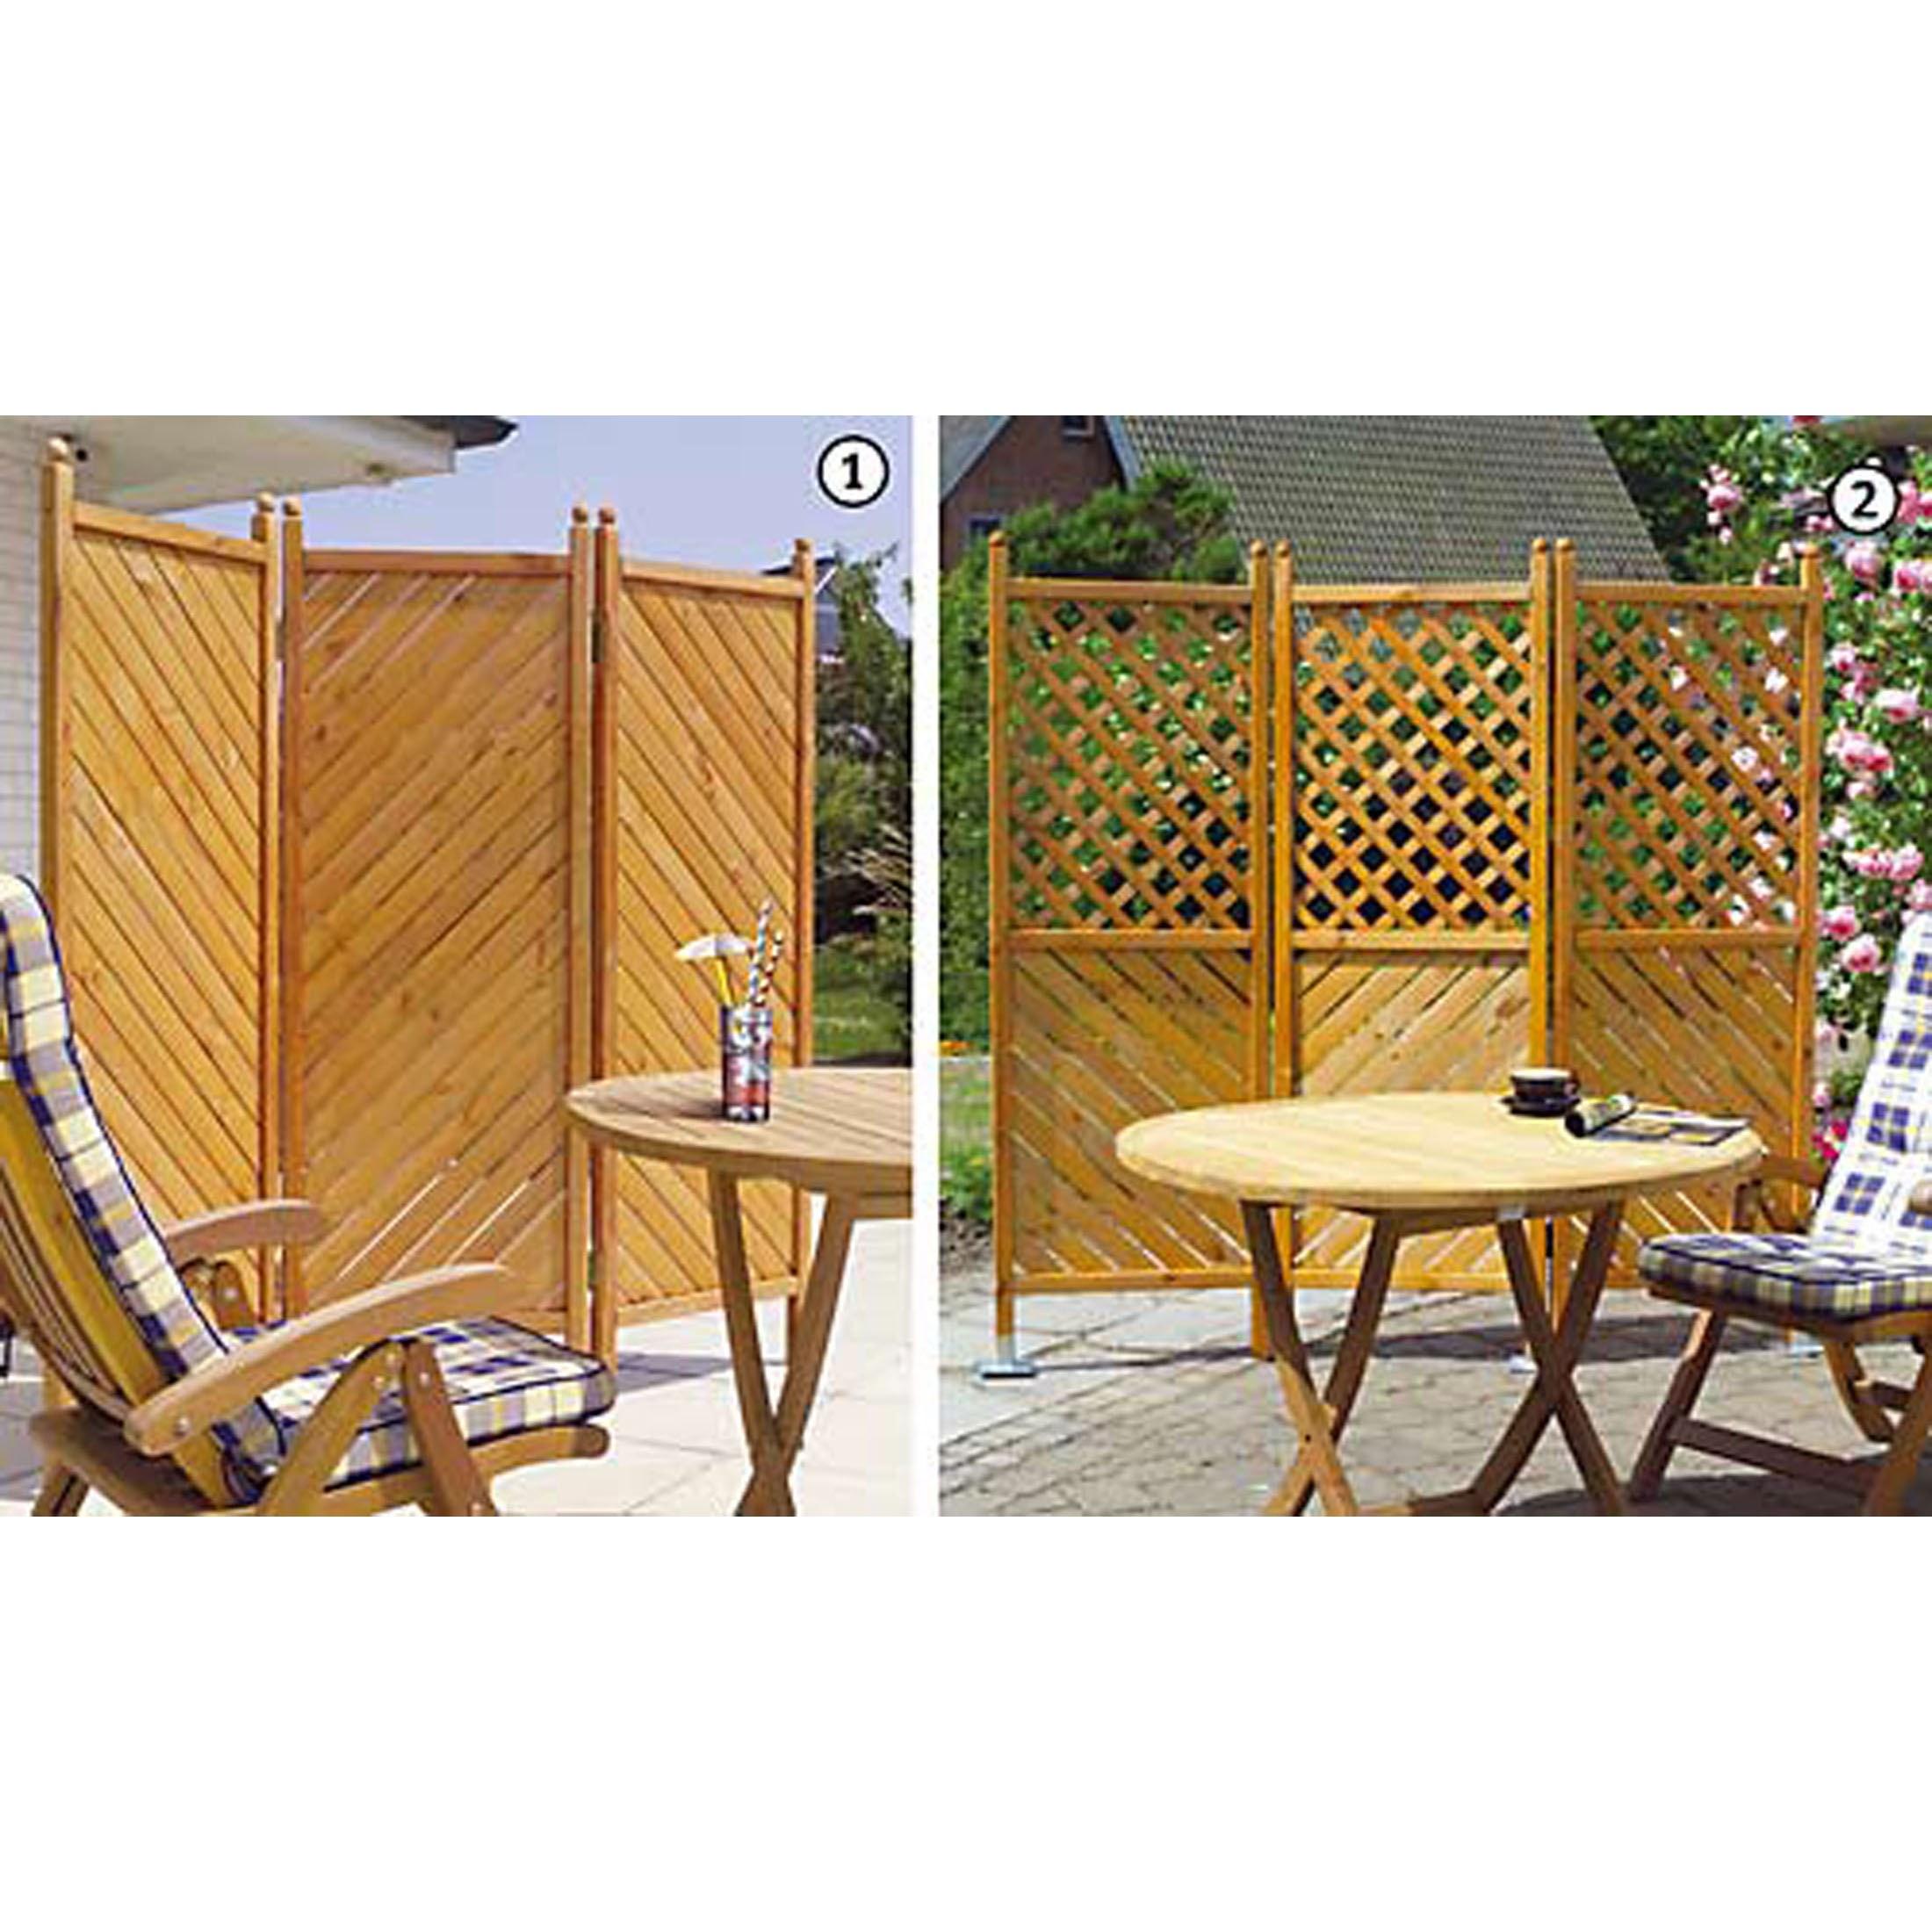 Full Size of Outdoor Paravent Klappbare Holz Paravents Promondo Garten Küche Edelstahl Kaufen Wohnzimmer Outdoor Paravent